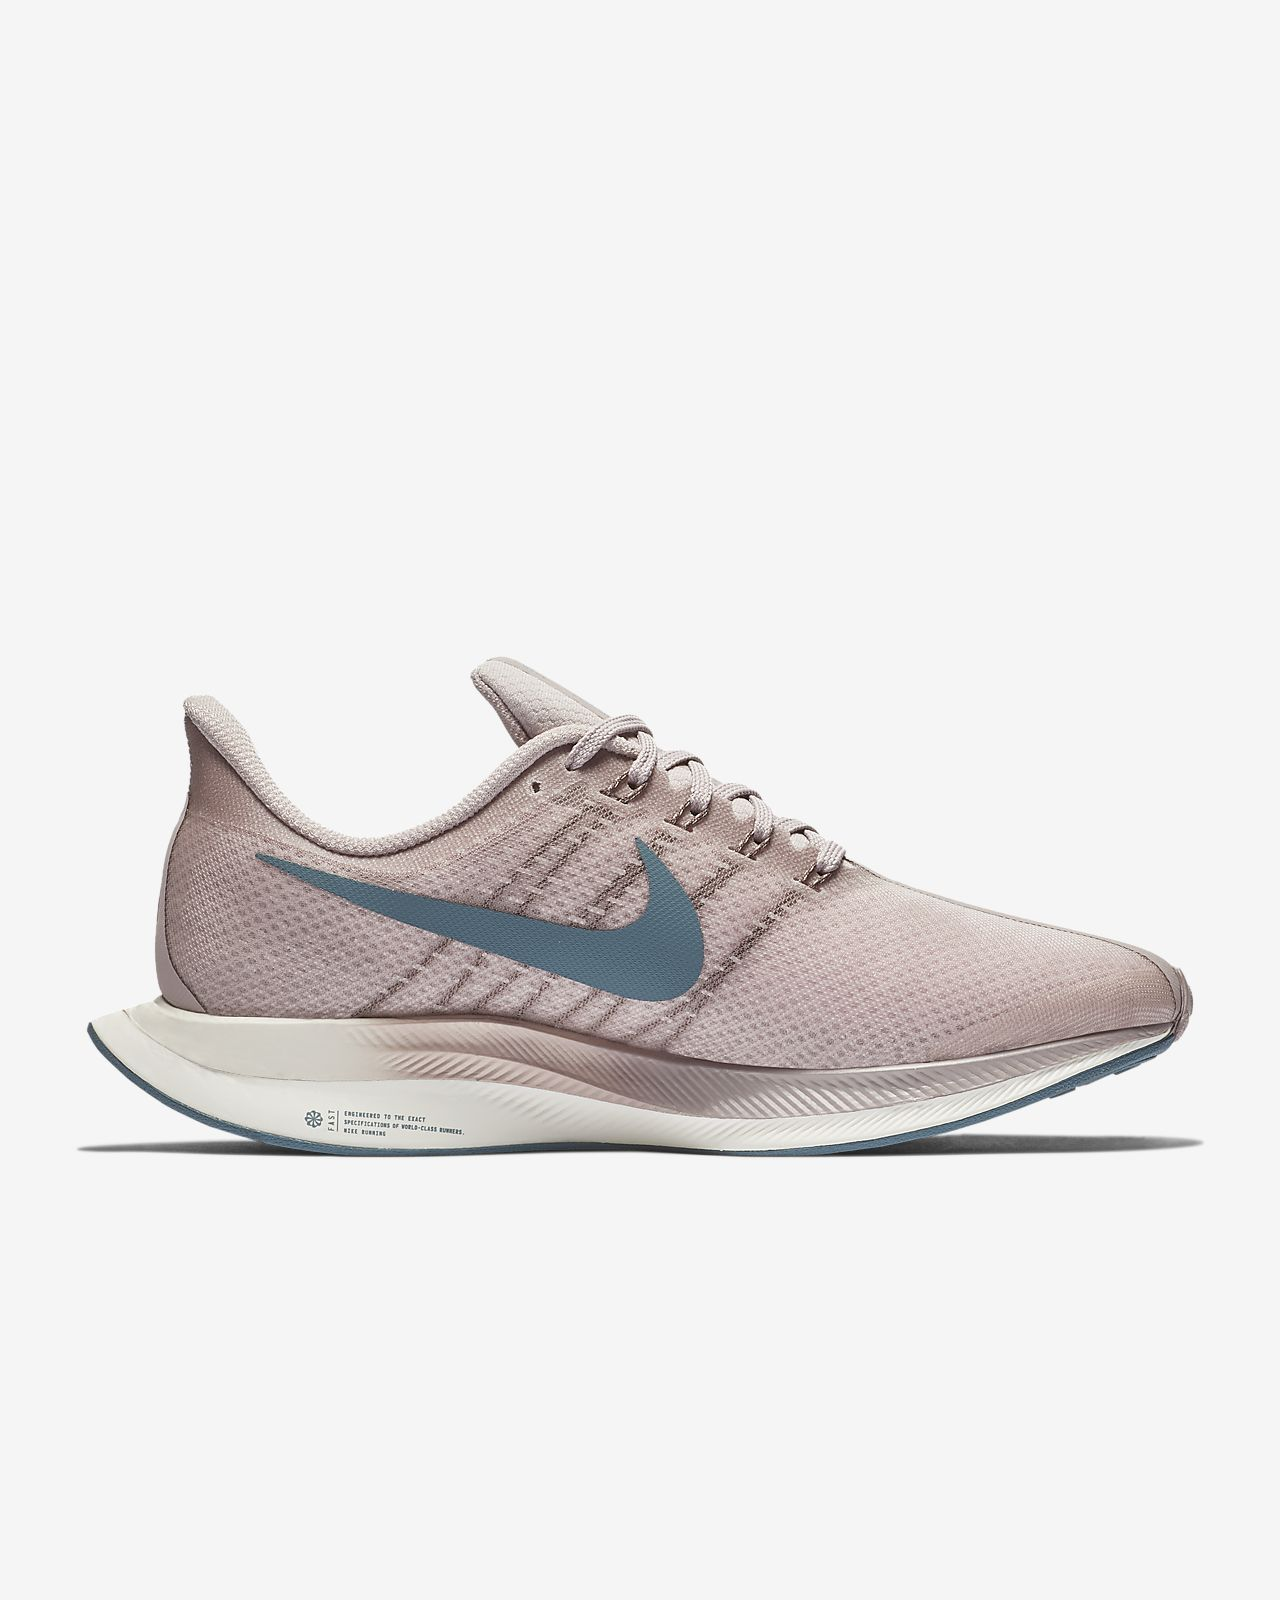 26a95b2277fcd Nike Zoom Pegasus Turbo Women s Running Shoe. Nike.com NO